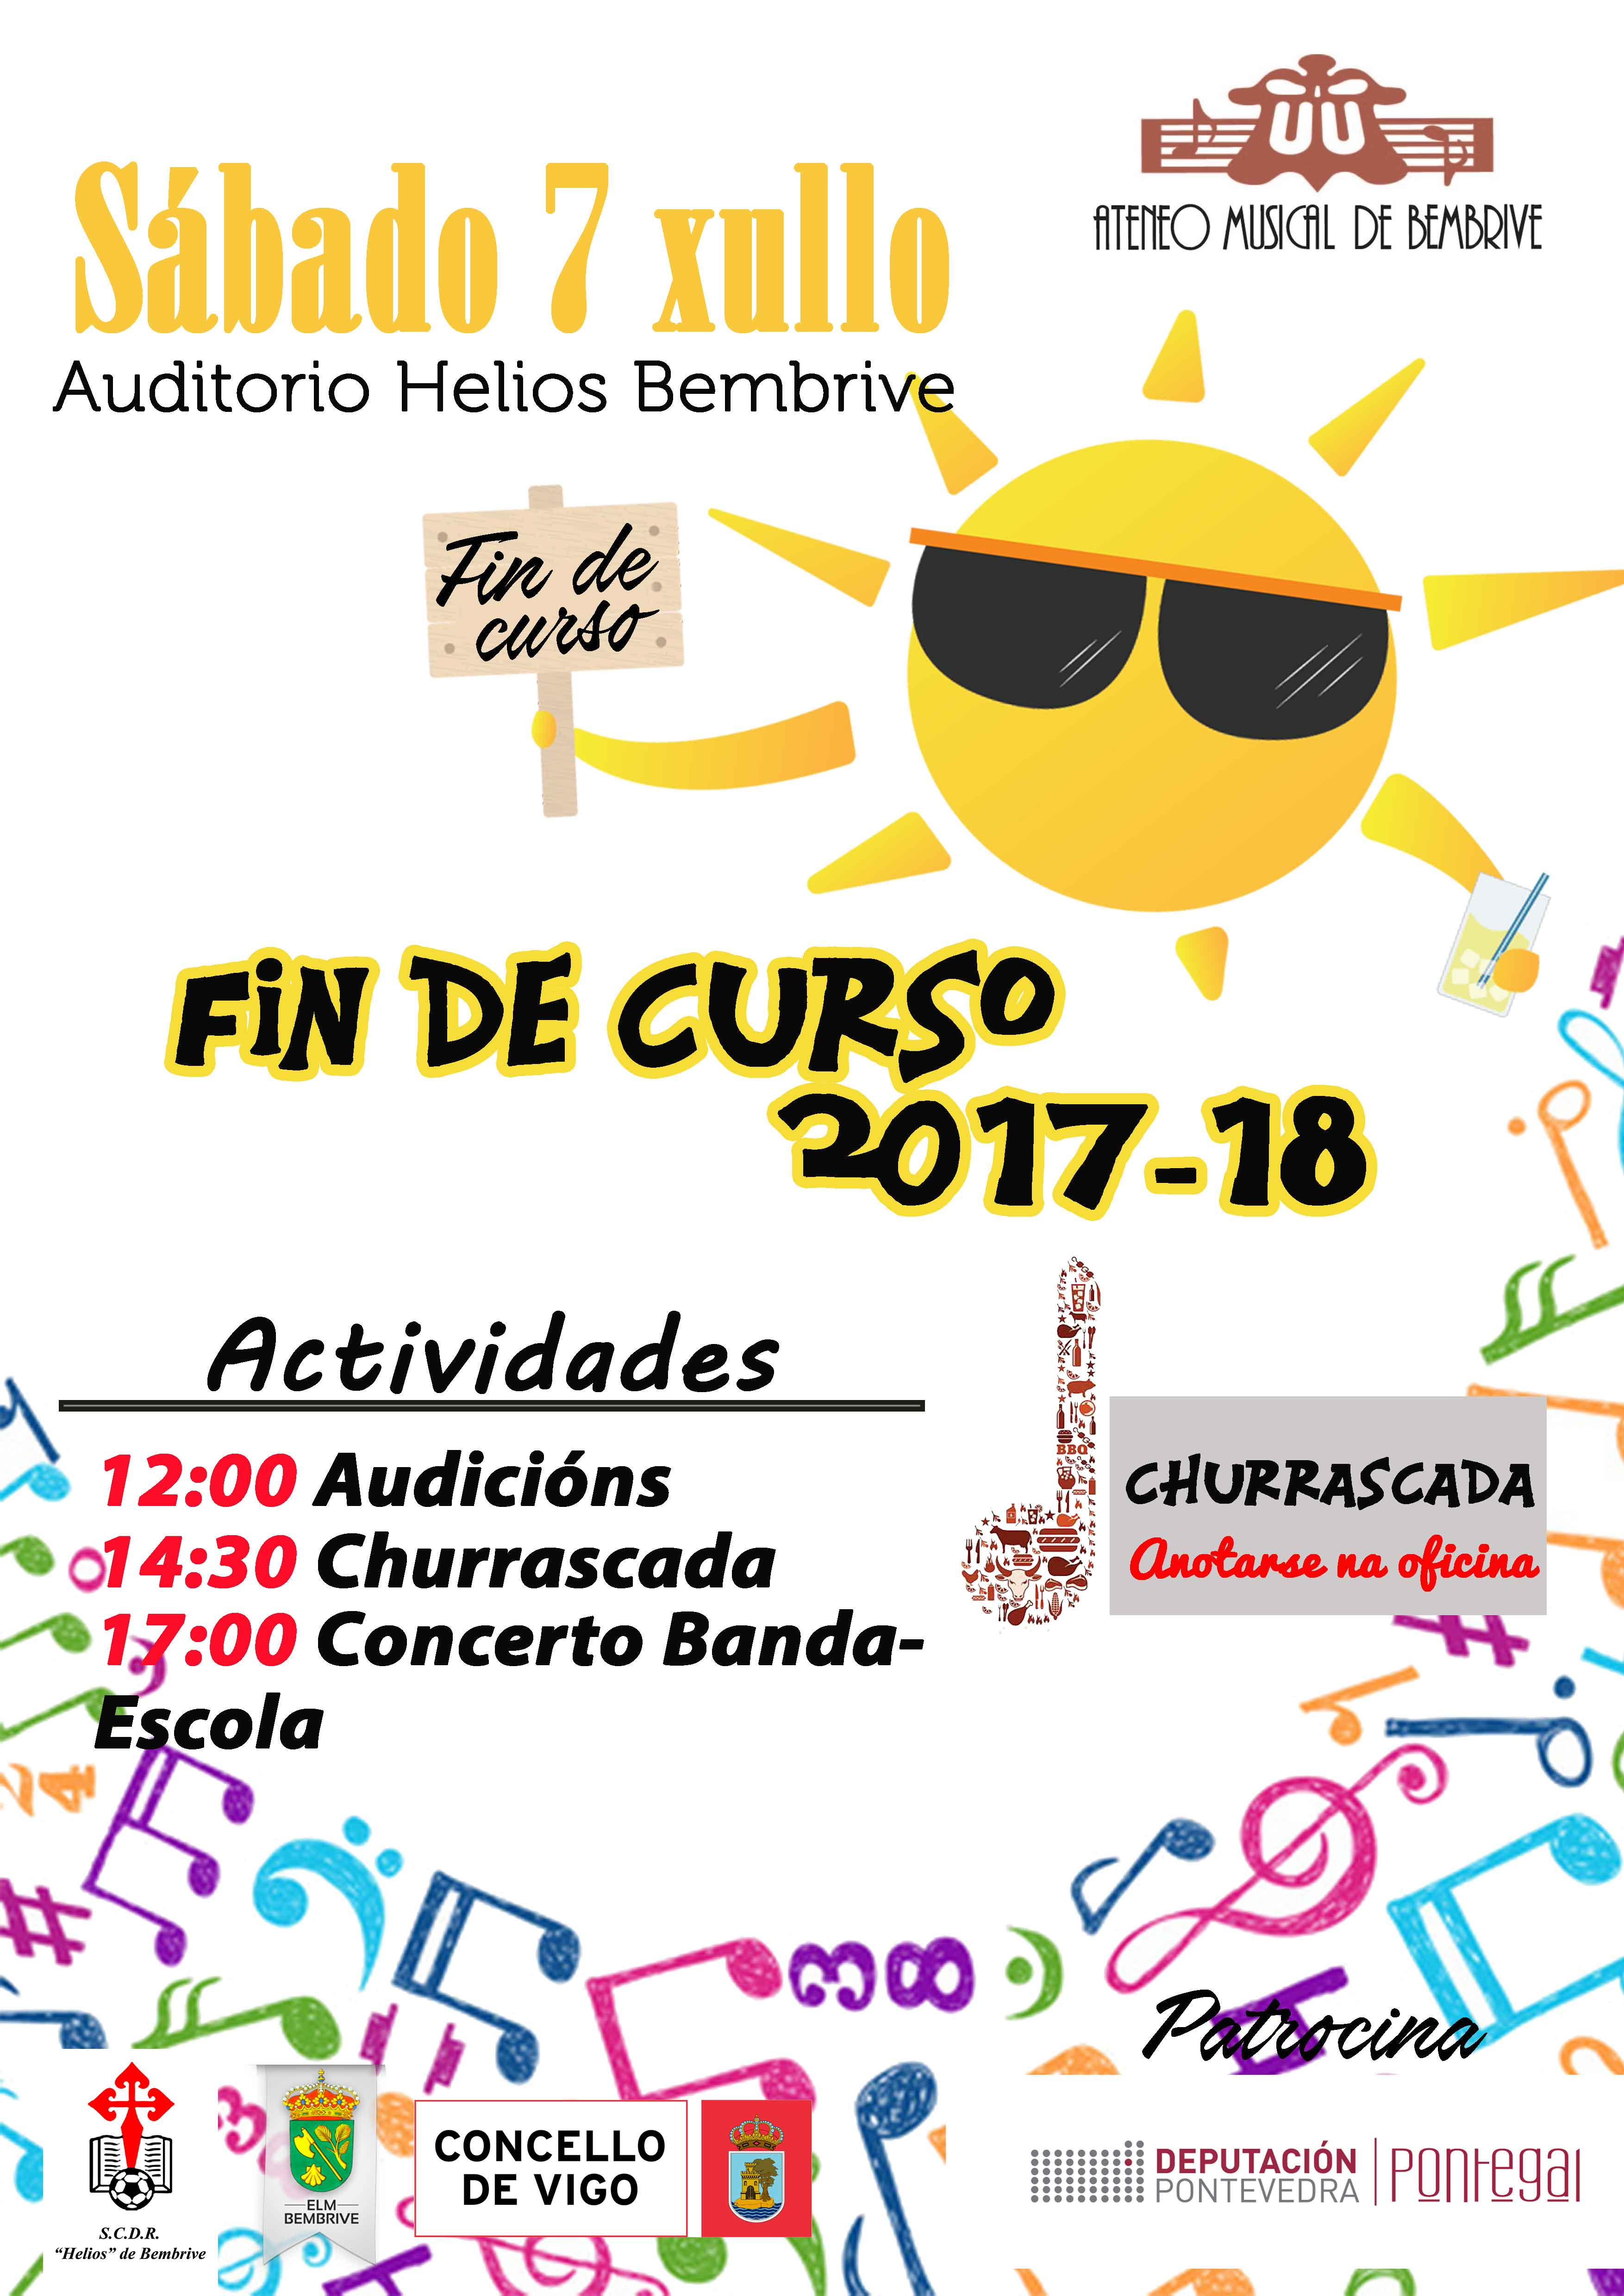 Fin De Curso 2017/18 Ateneo